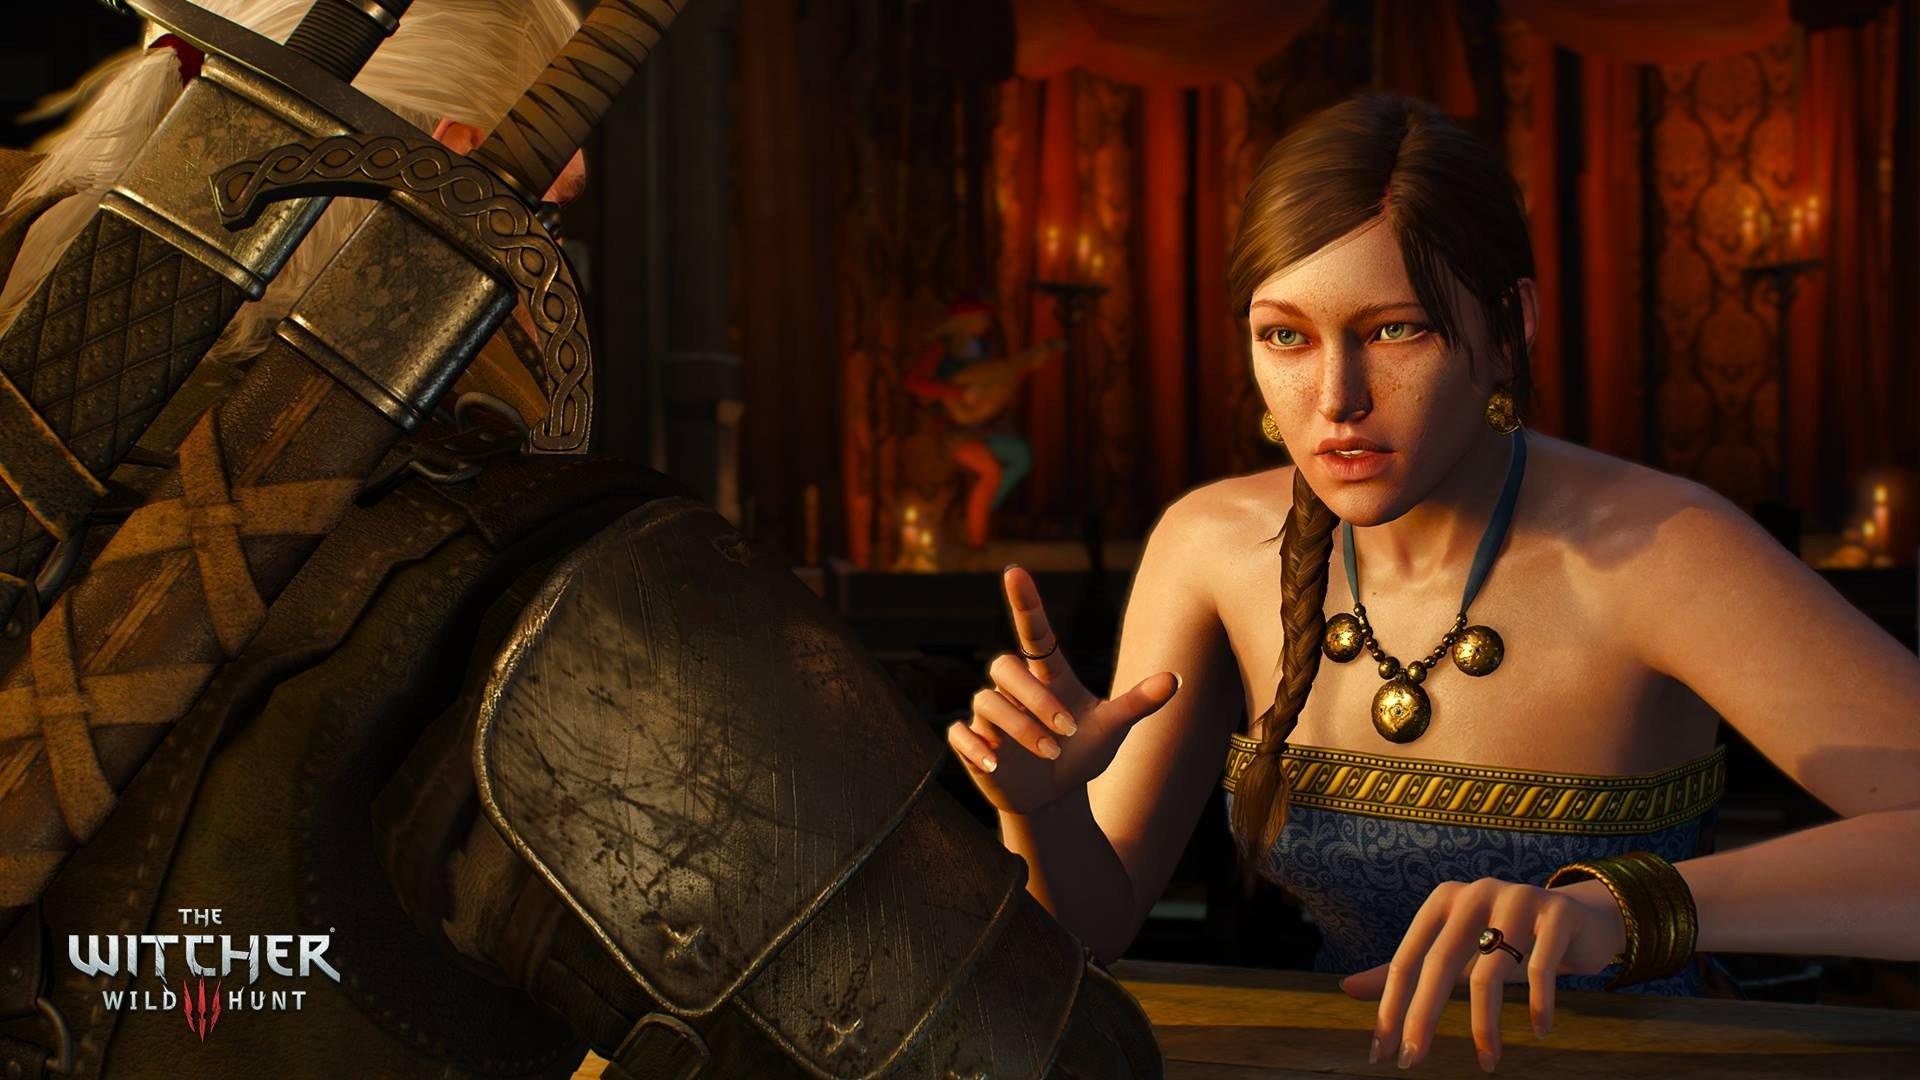 The Witcher 3: Wild Hunt. Все самое интересное за прошедшее время и новые факты.   Факты.    •Если вы хотите заработ ... - Изображение 18